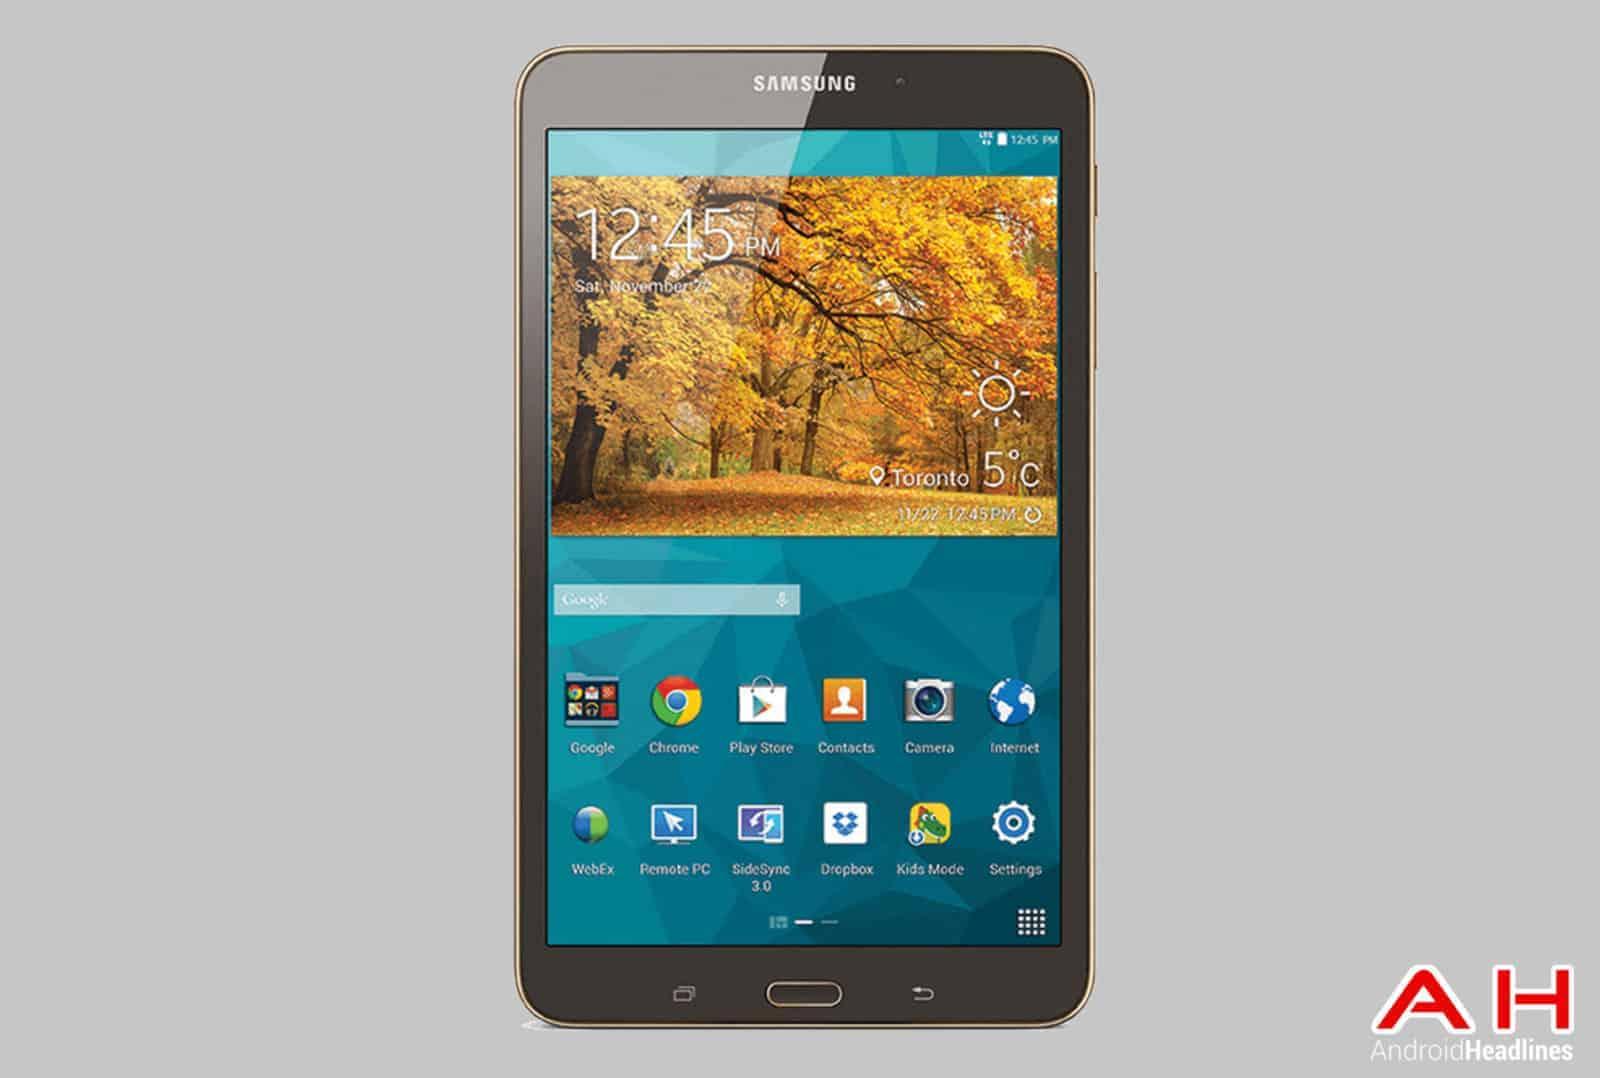 Samsung Galaxy Tab S 8.4 LTE cam AH